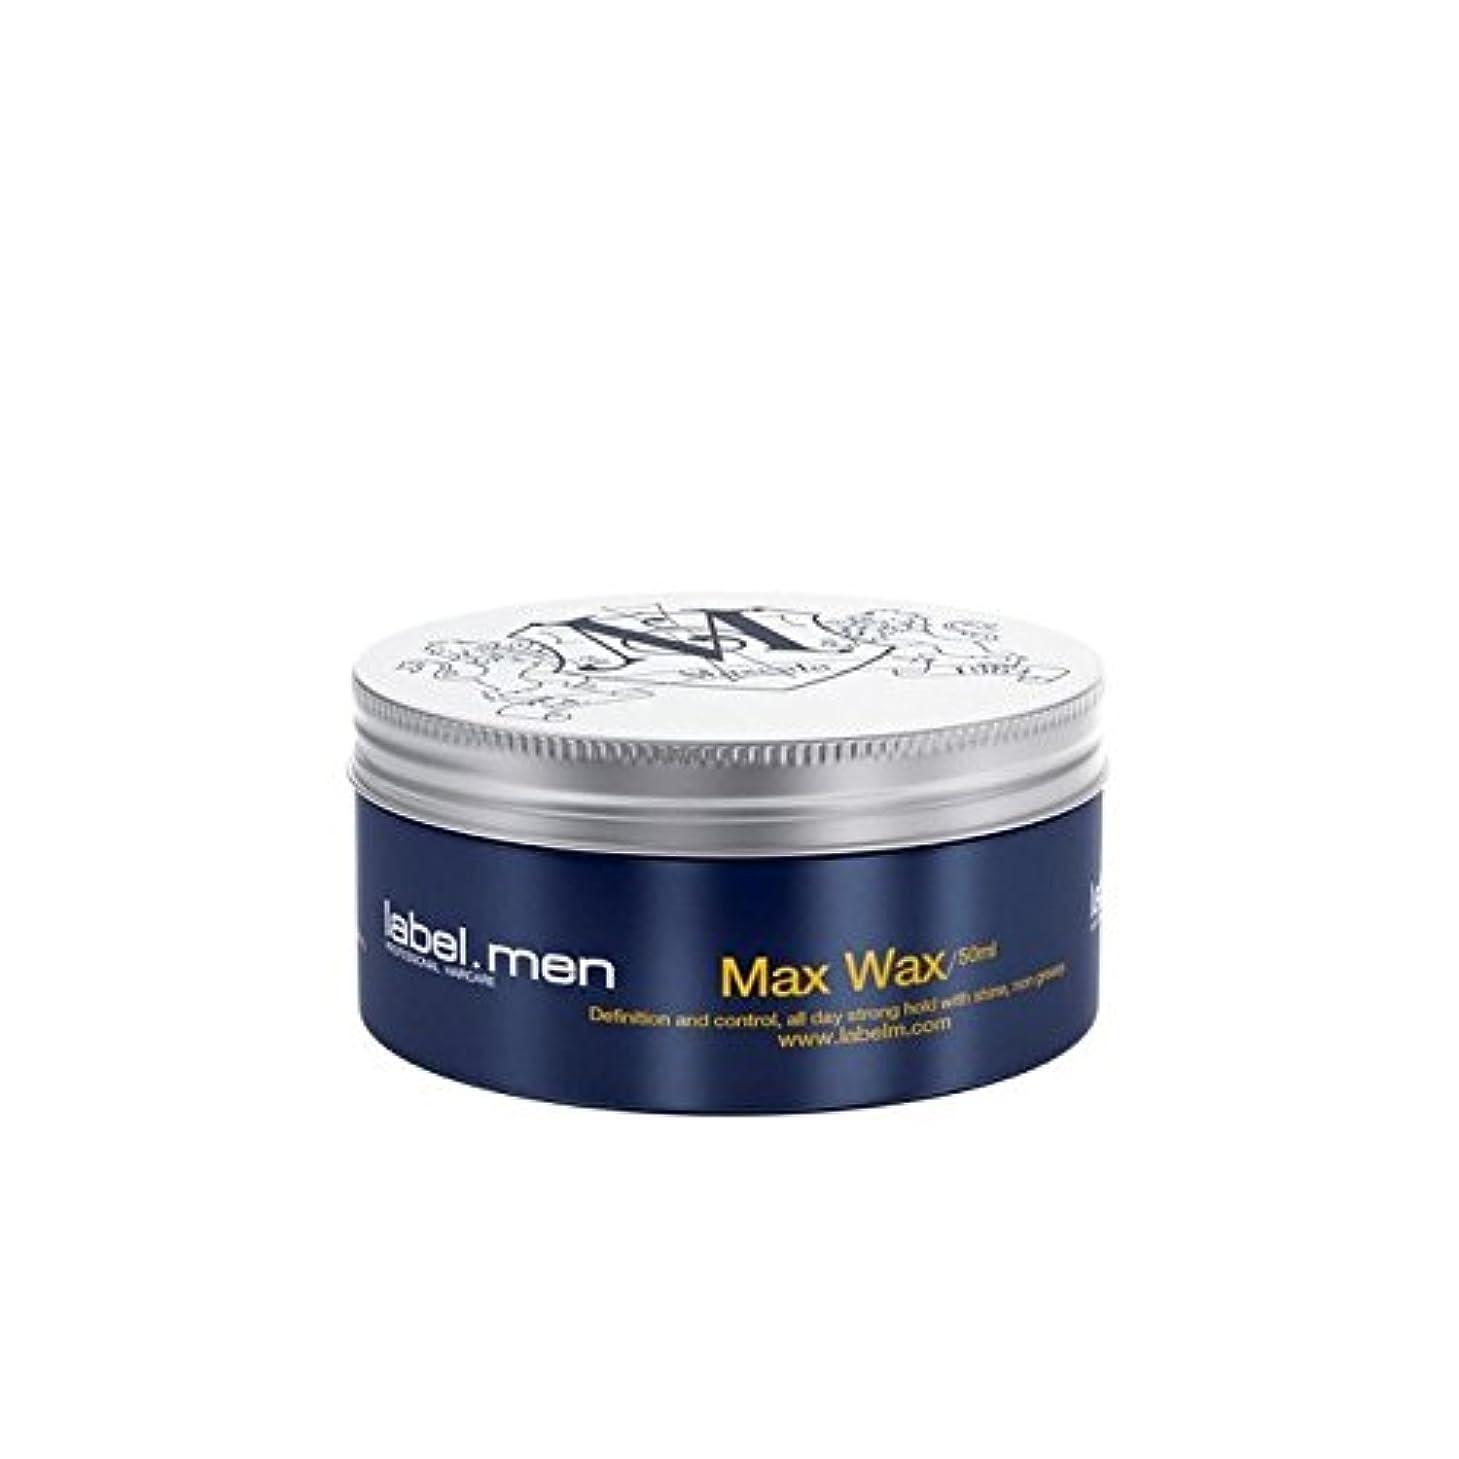 批判するスケート地平線.マックスワックス(50ミリリットル) x2 - Label.Men Max Wax (50ml) (Pack of 2) [並行輸入品]